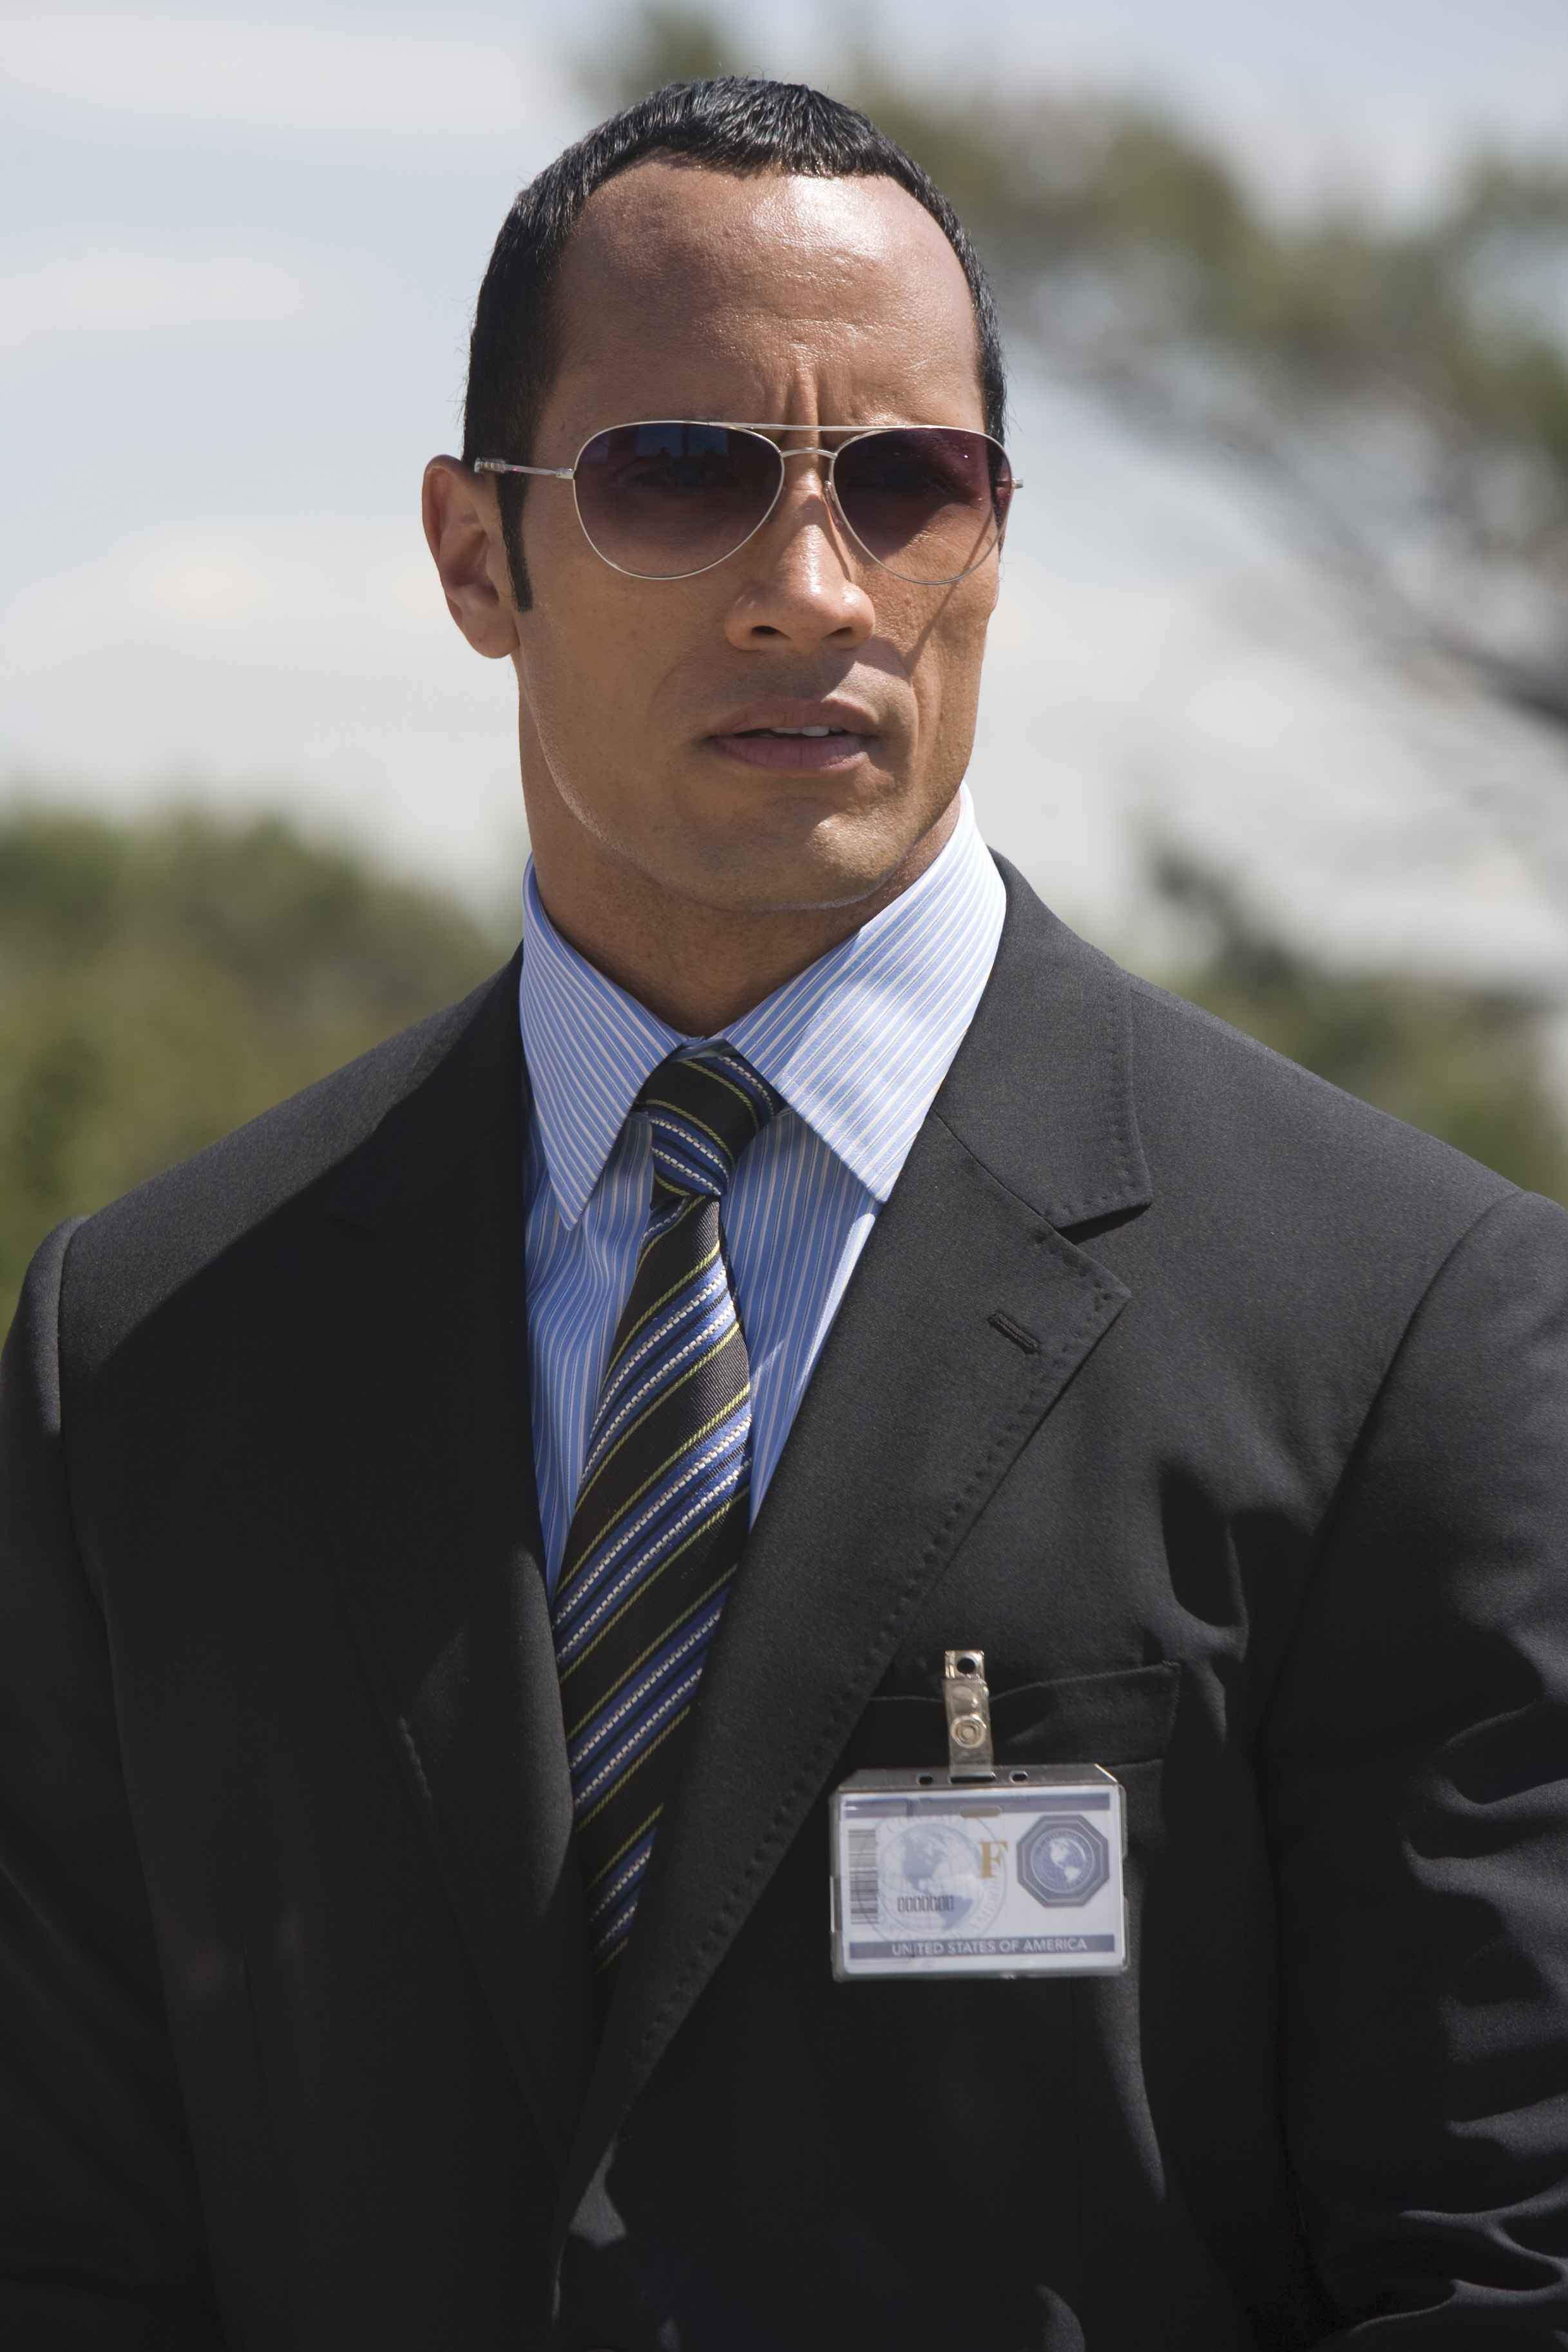 Agent 23